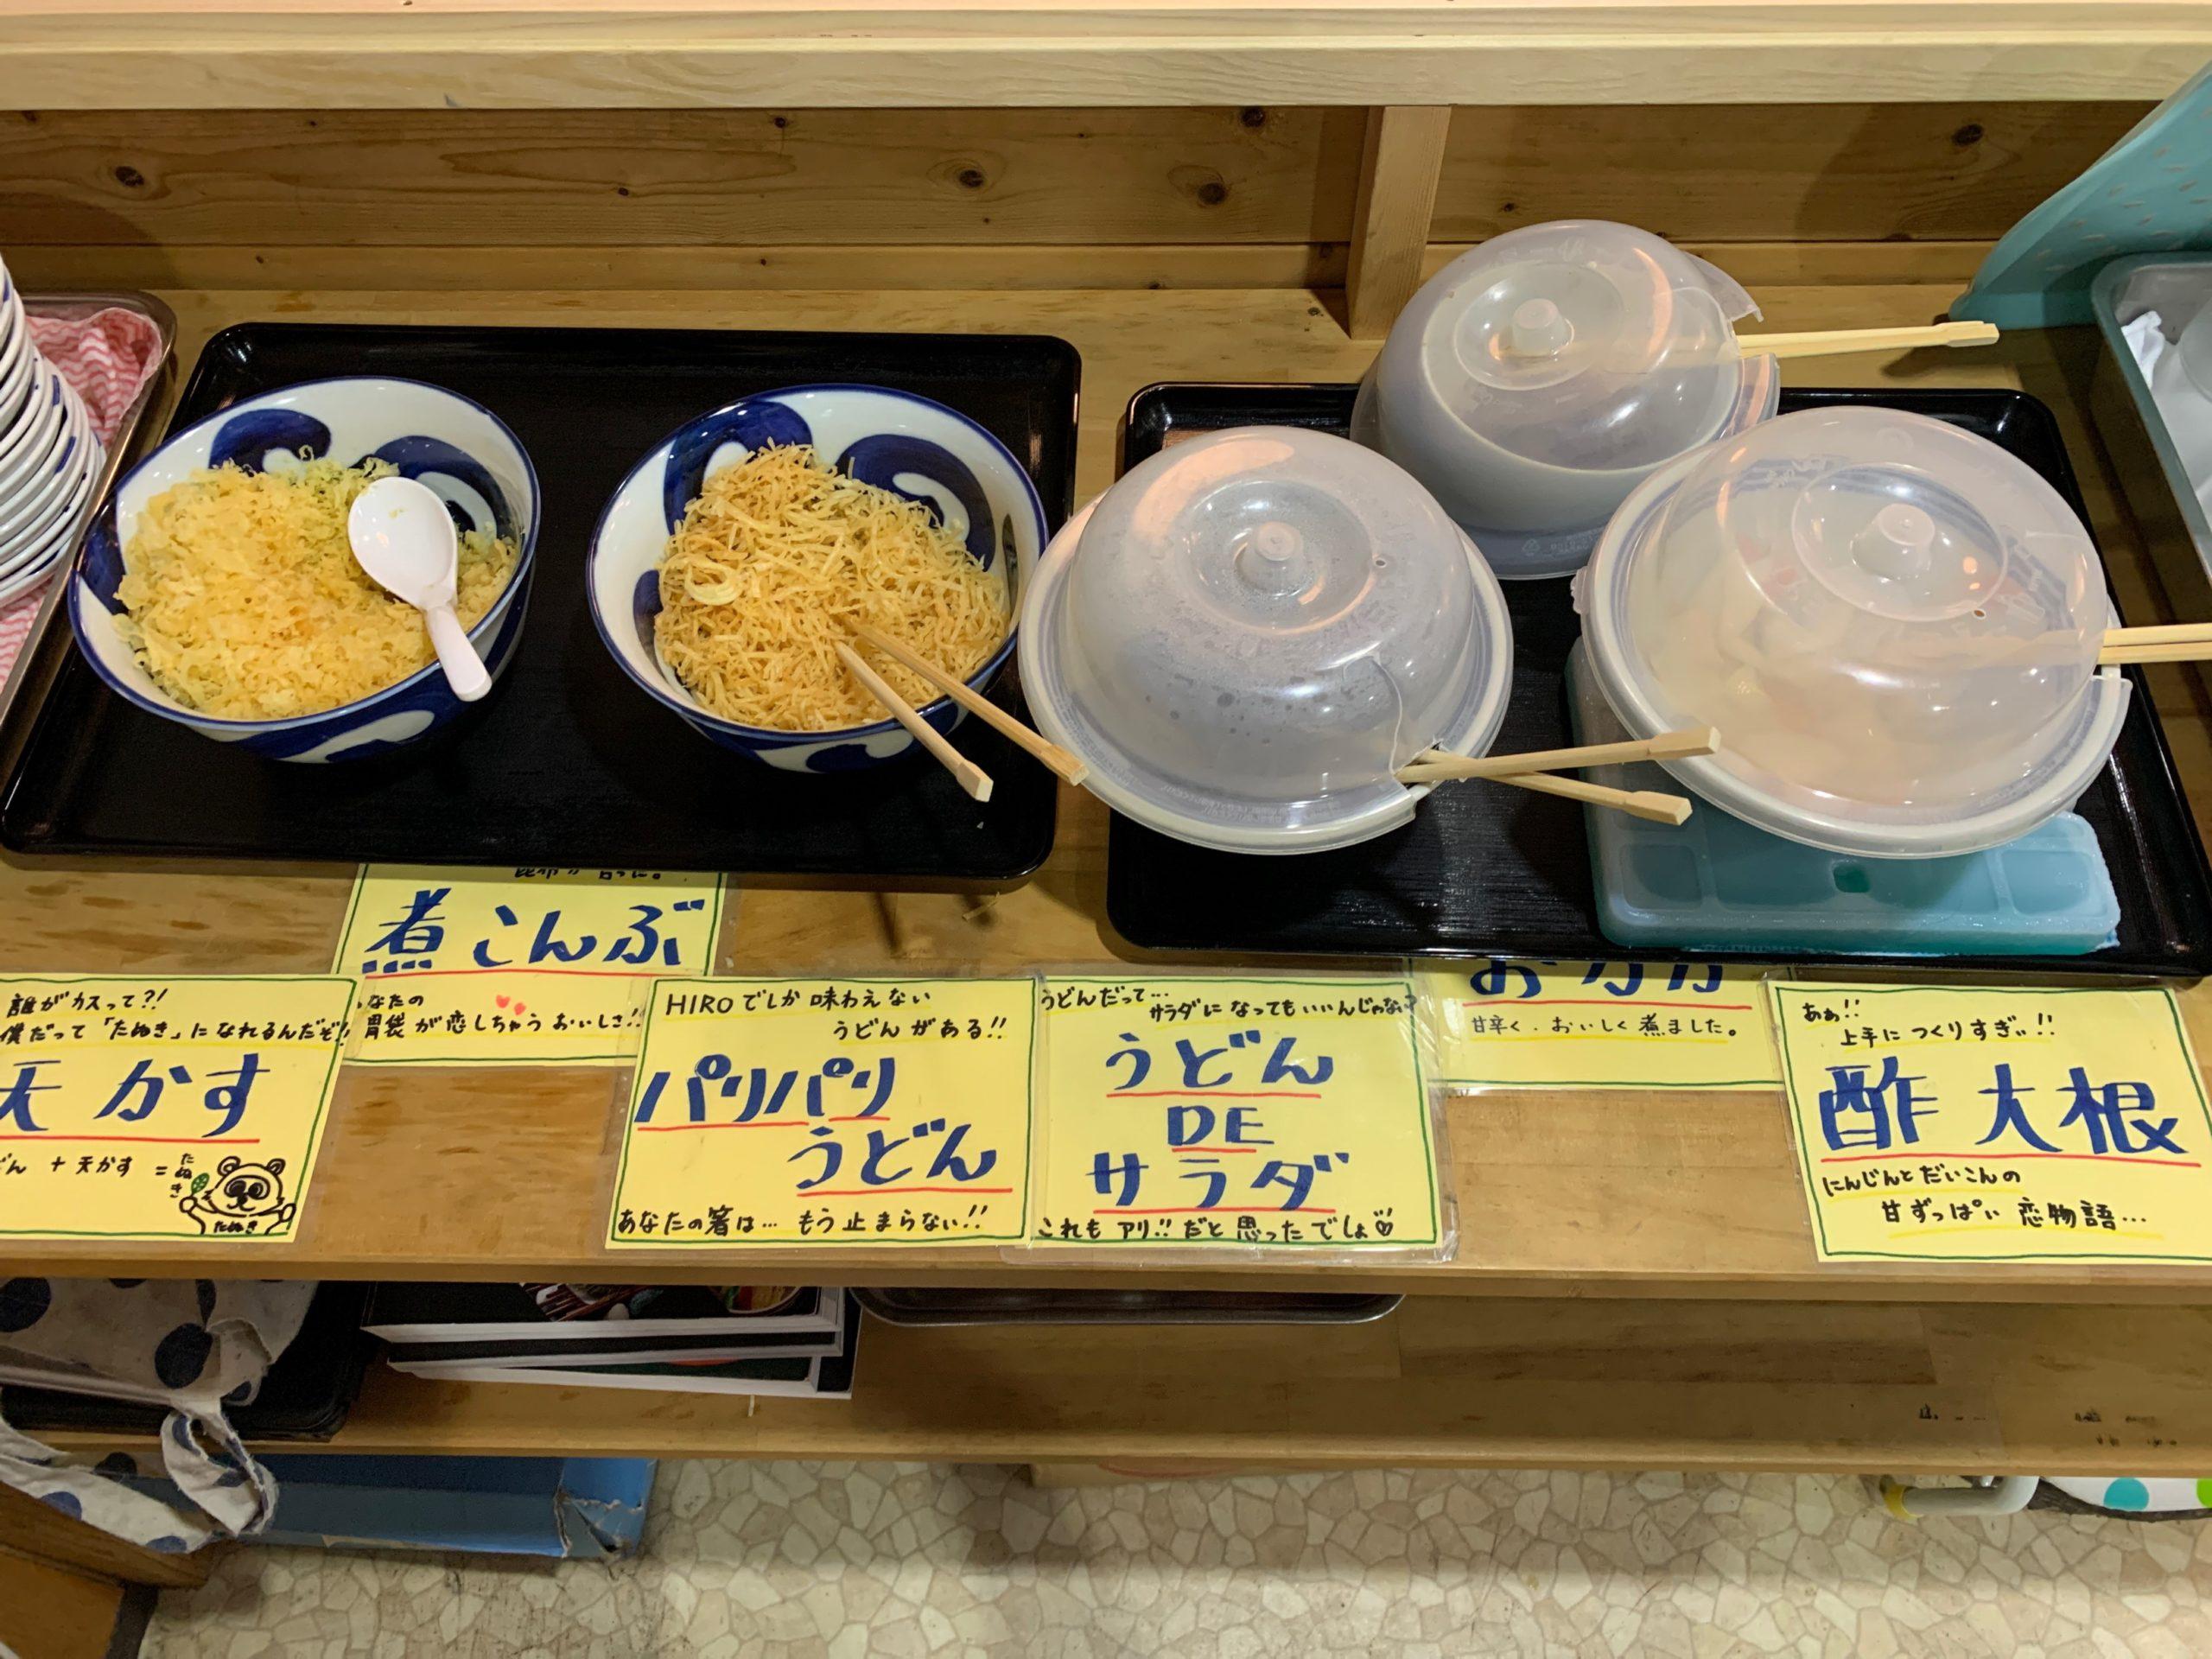 UDON HIROの惣菜コーナー